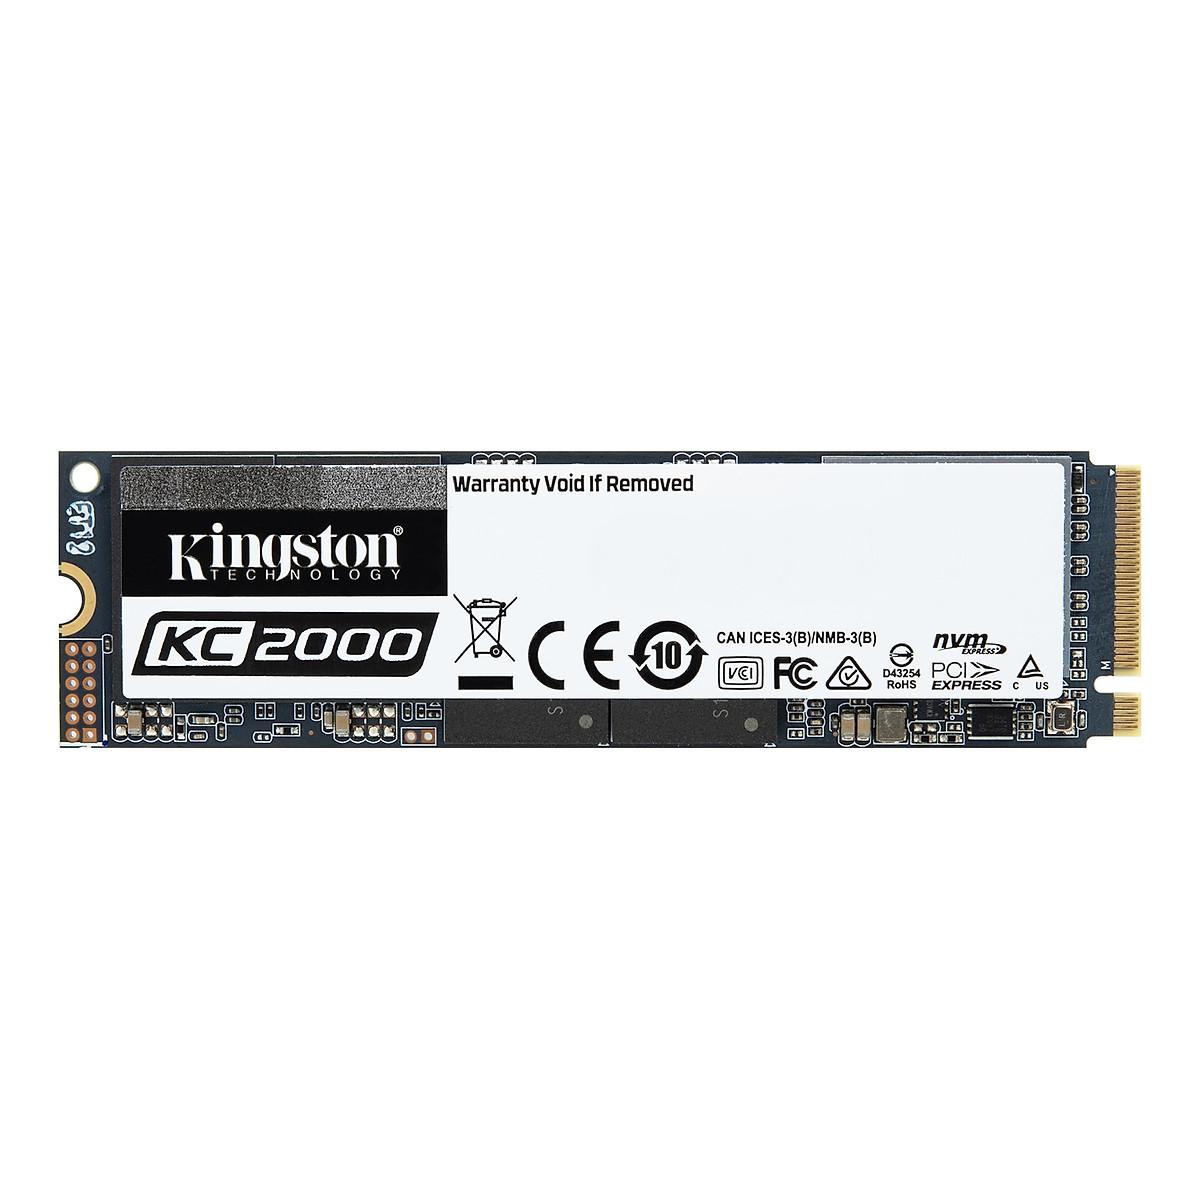 Ổ cứng SSD Kingston KC2000 NVMe PCIe Gen 3.0 x4 500G – Hàng Chính Hãng